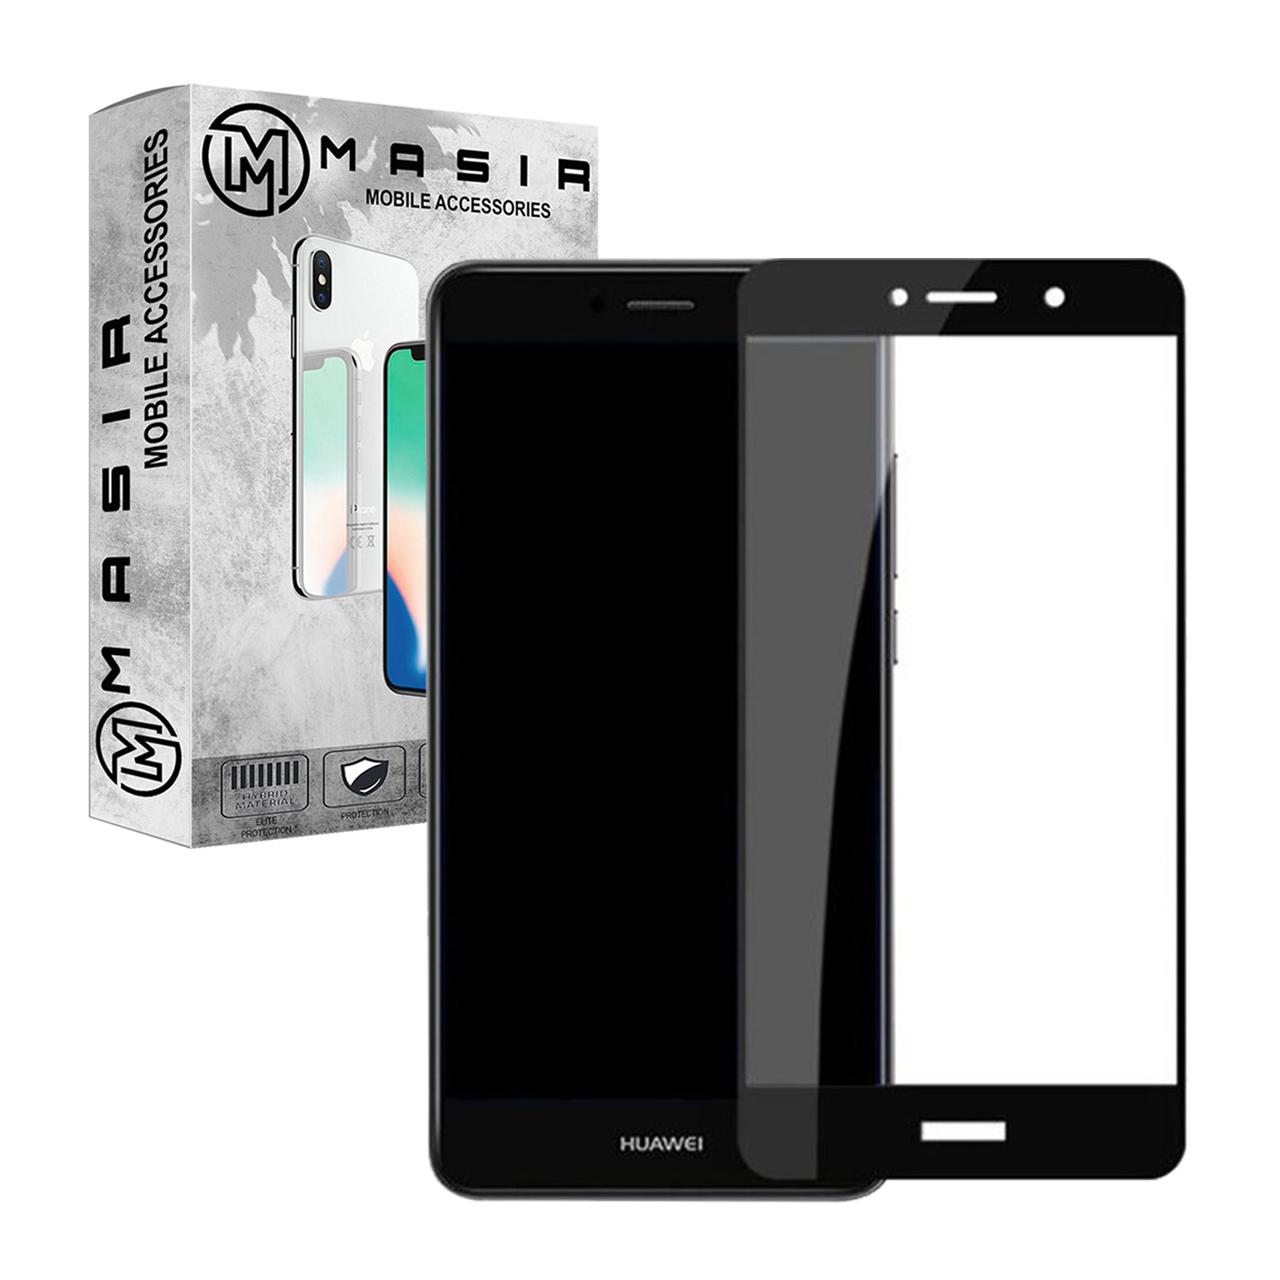 محافظ صفحه نمایش مسیر مدل MGF-1 مناسب برای گوشی موبایل هوآوی Y7 Prime 2017              ( قیمت و خرید)